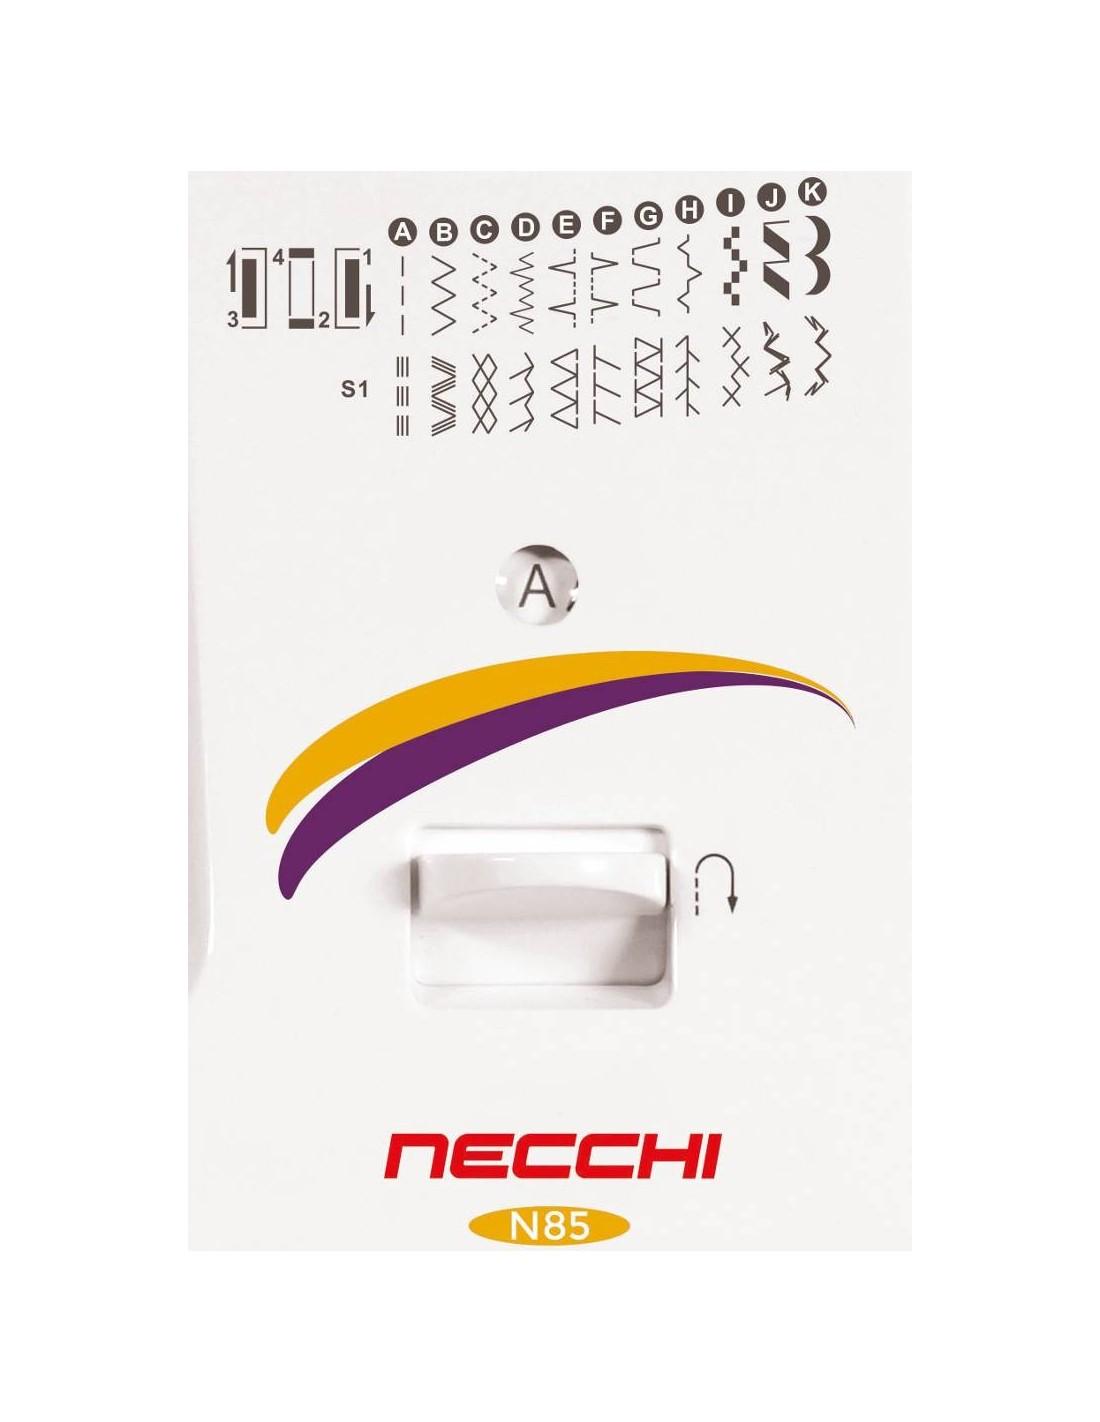 Sewshop macchina cucire macchine cucire tagliacuci for Macchine per cucire necchi prezzi